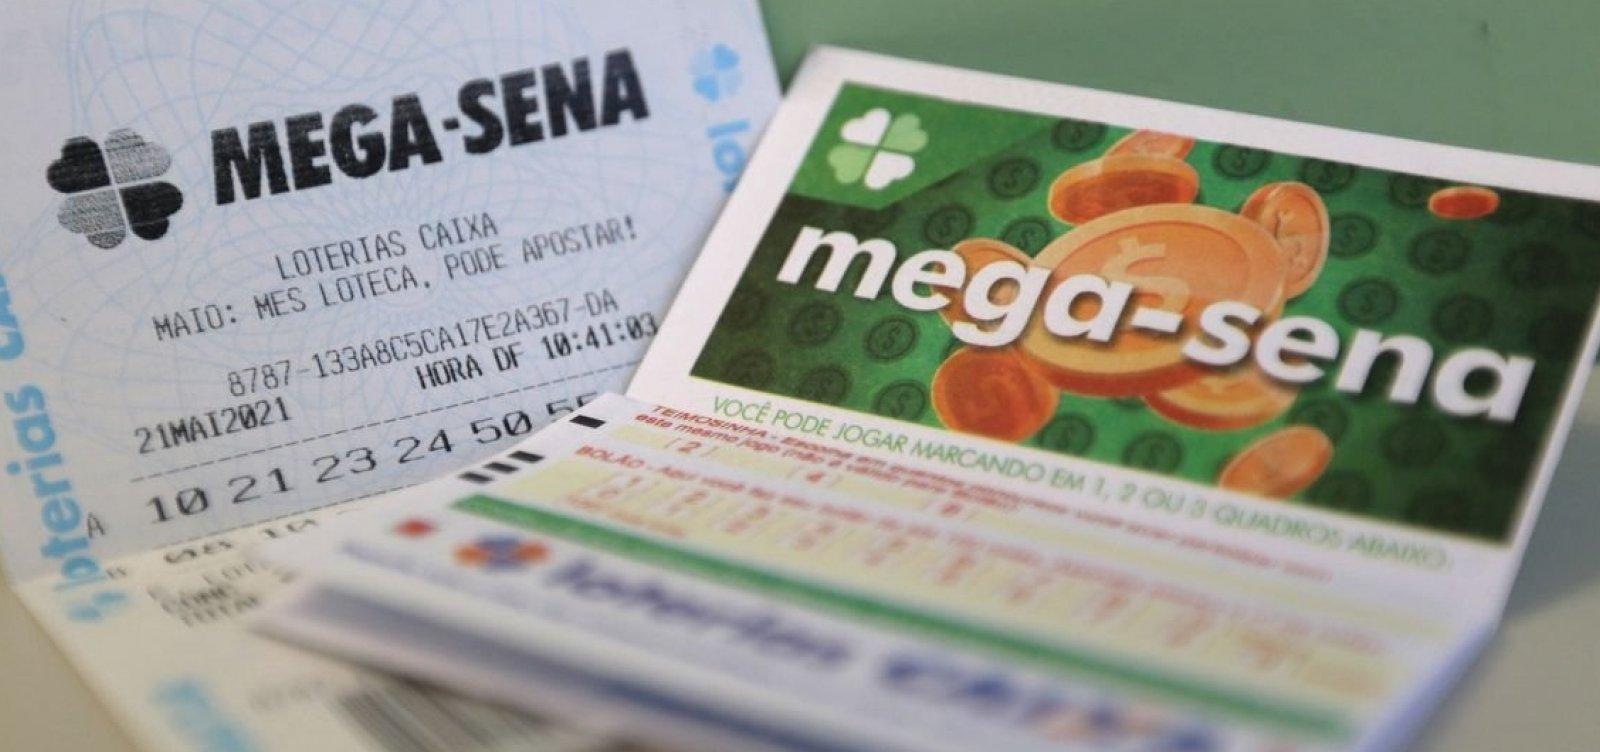 Mega-Sena pode pagar prêmio de R$ 38 milhões neste sábado